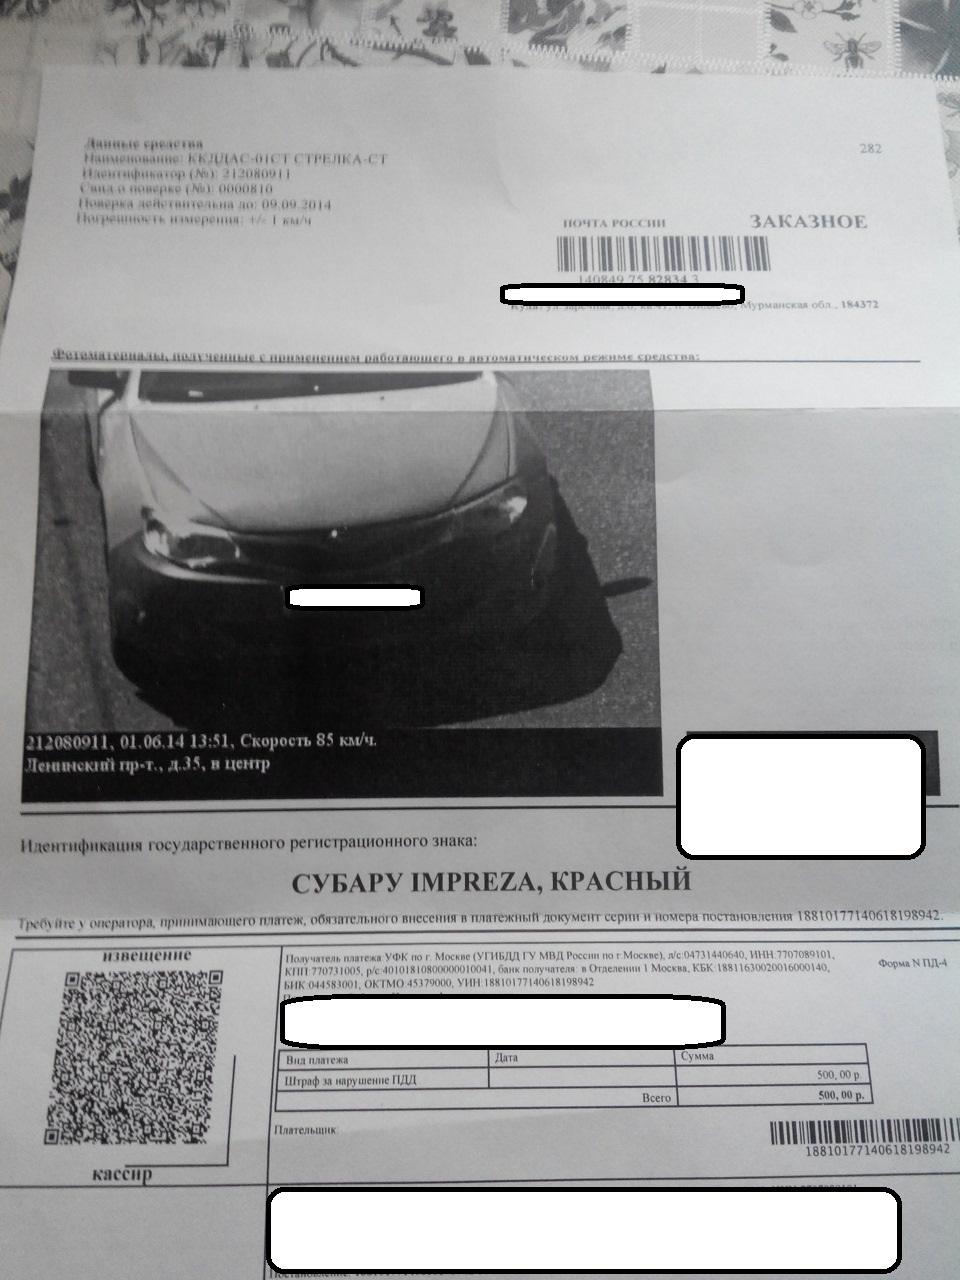 ООО-МВС-Групп-пришло-заказное-письмо-что-делать-1